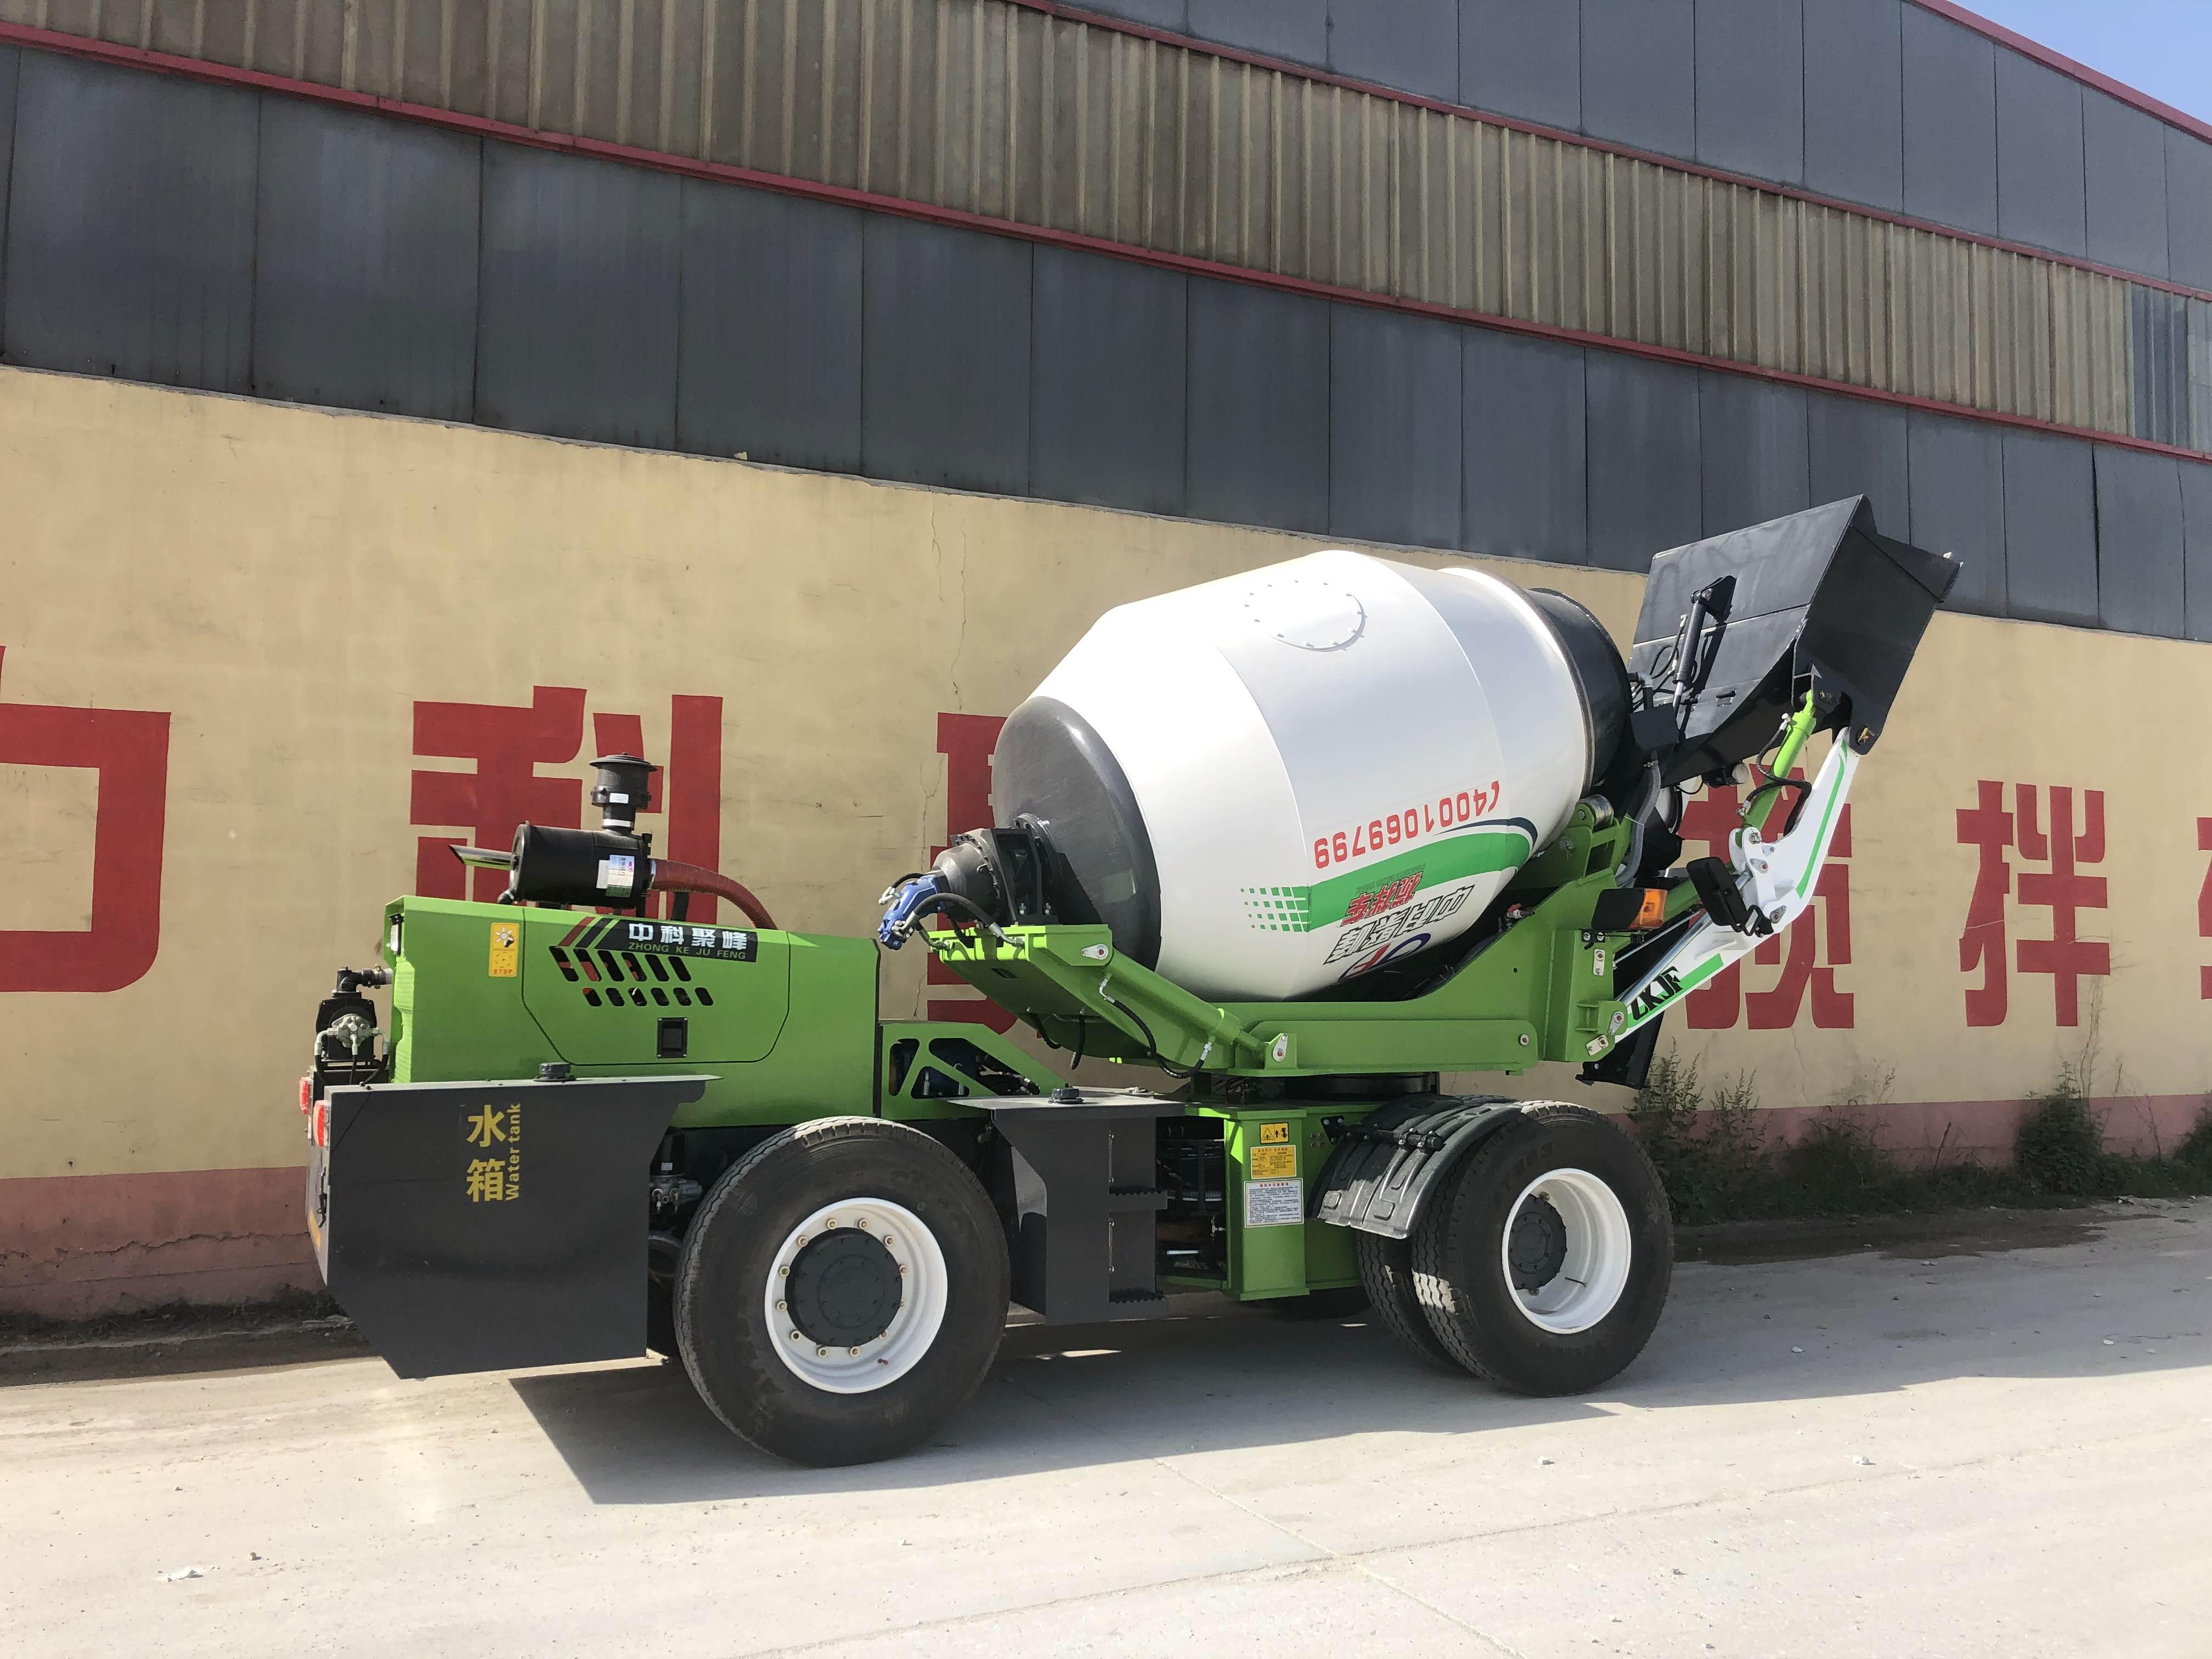 混凝土搅拌机的规格定期维护和保养可以延长设备